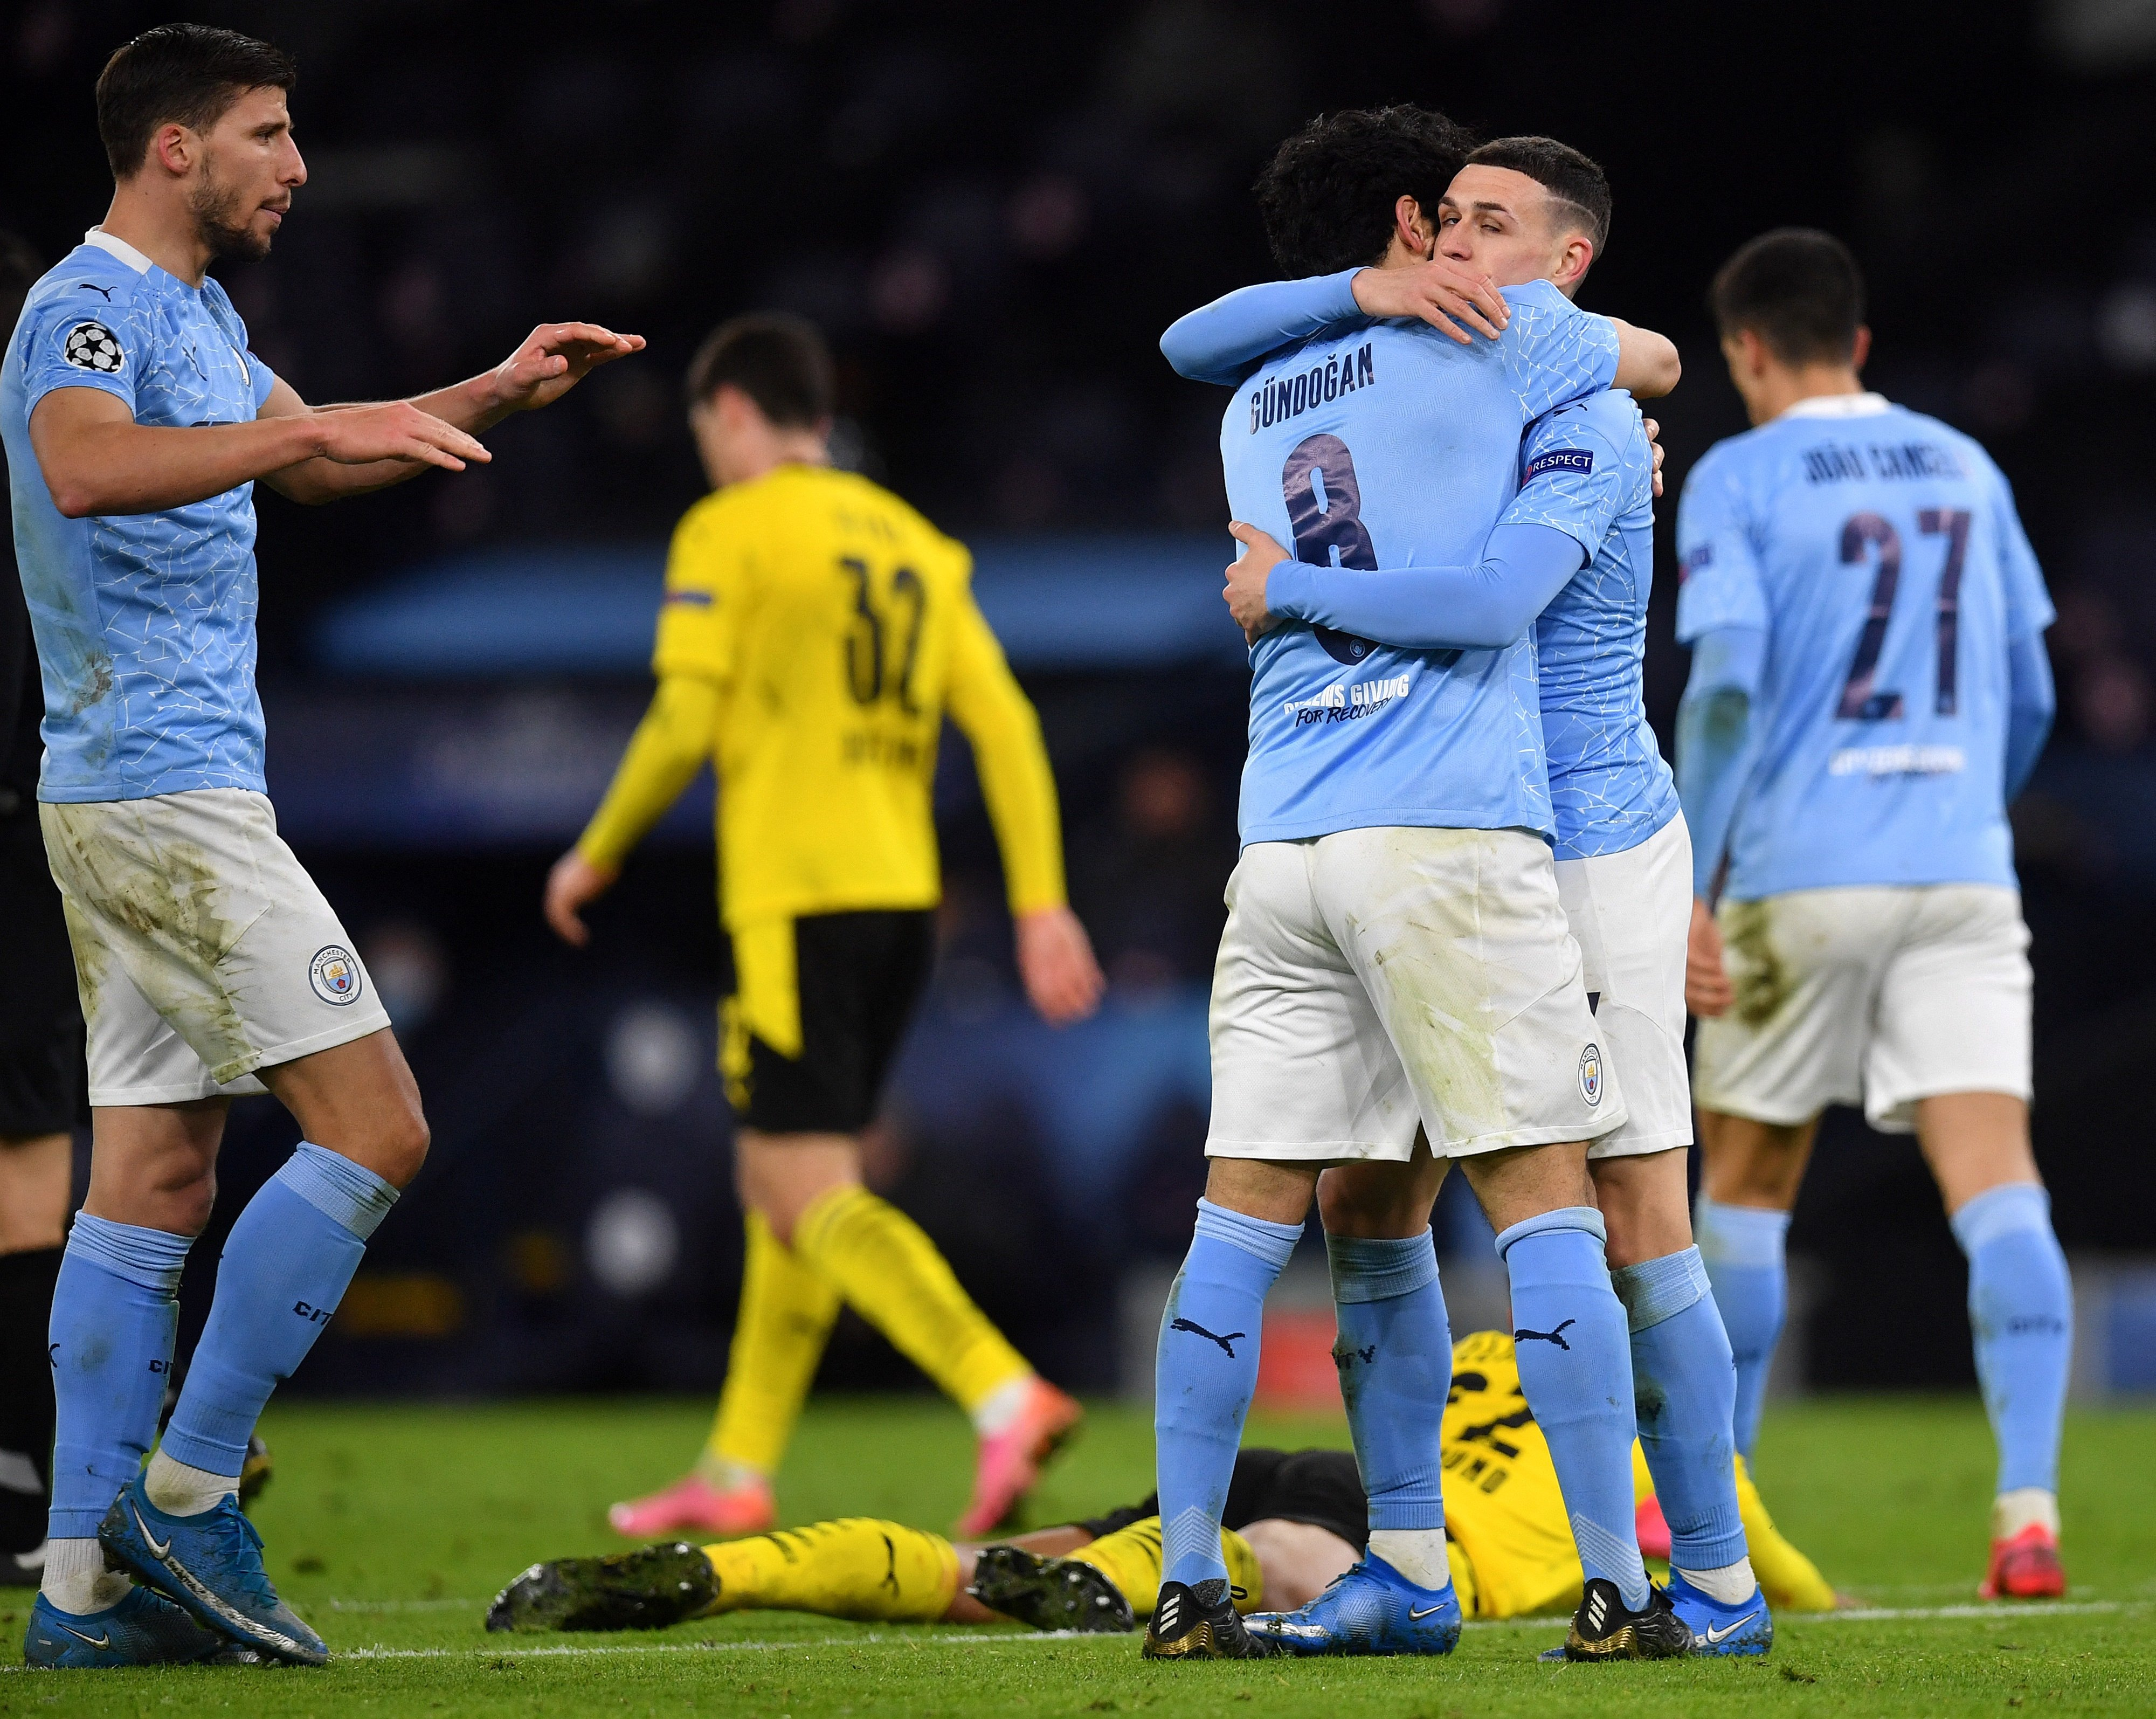 «Манчестер Сити» обыграл дортмундскую «Боруссию» в первом матче четвертьфинала Лиги чемпионов